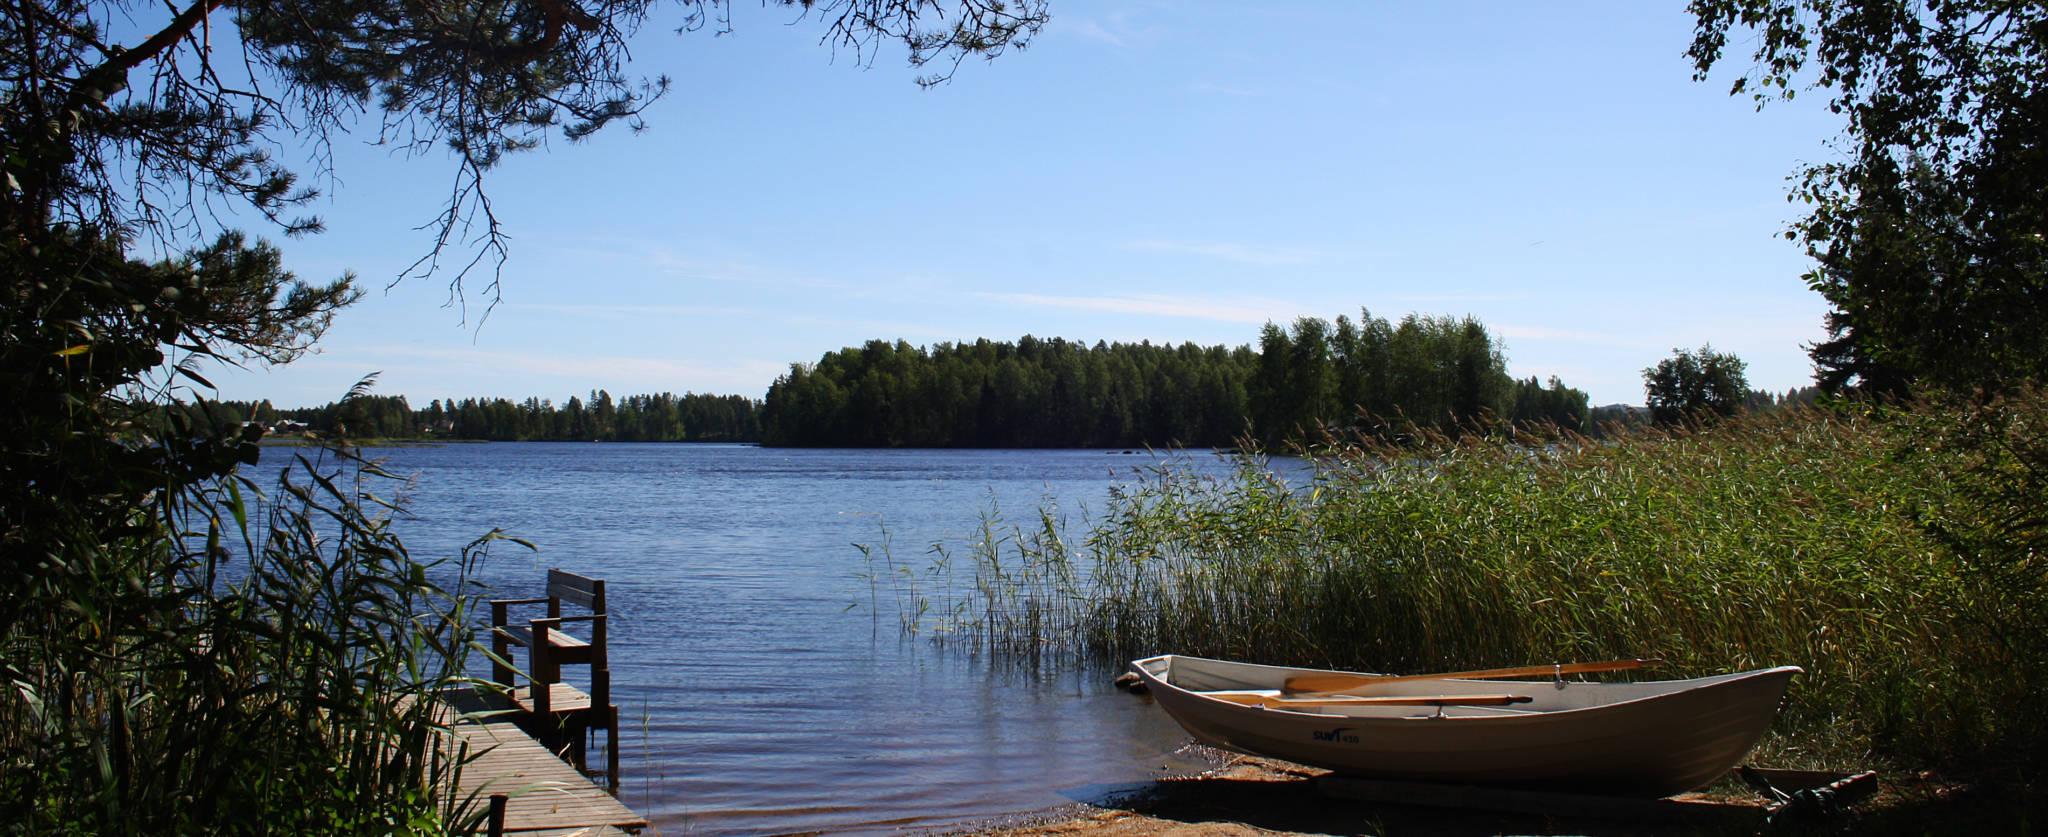 järvi, kaislikko, laituri ja vene kesäpäivänä